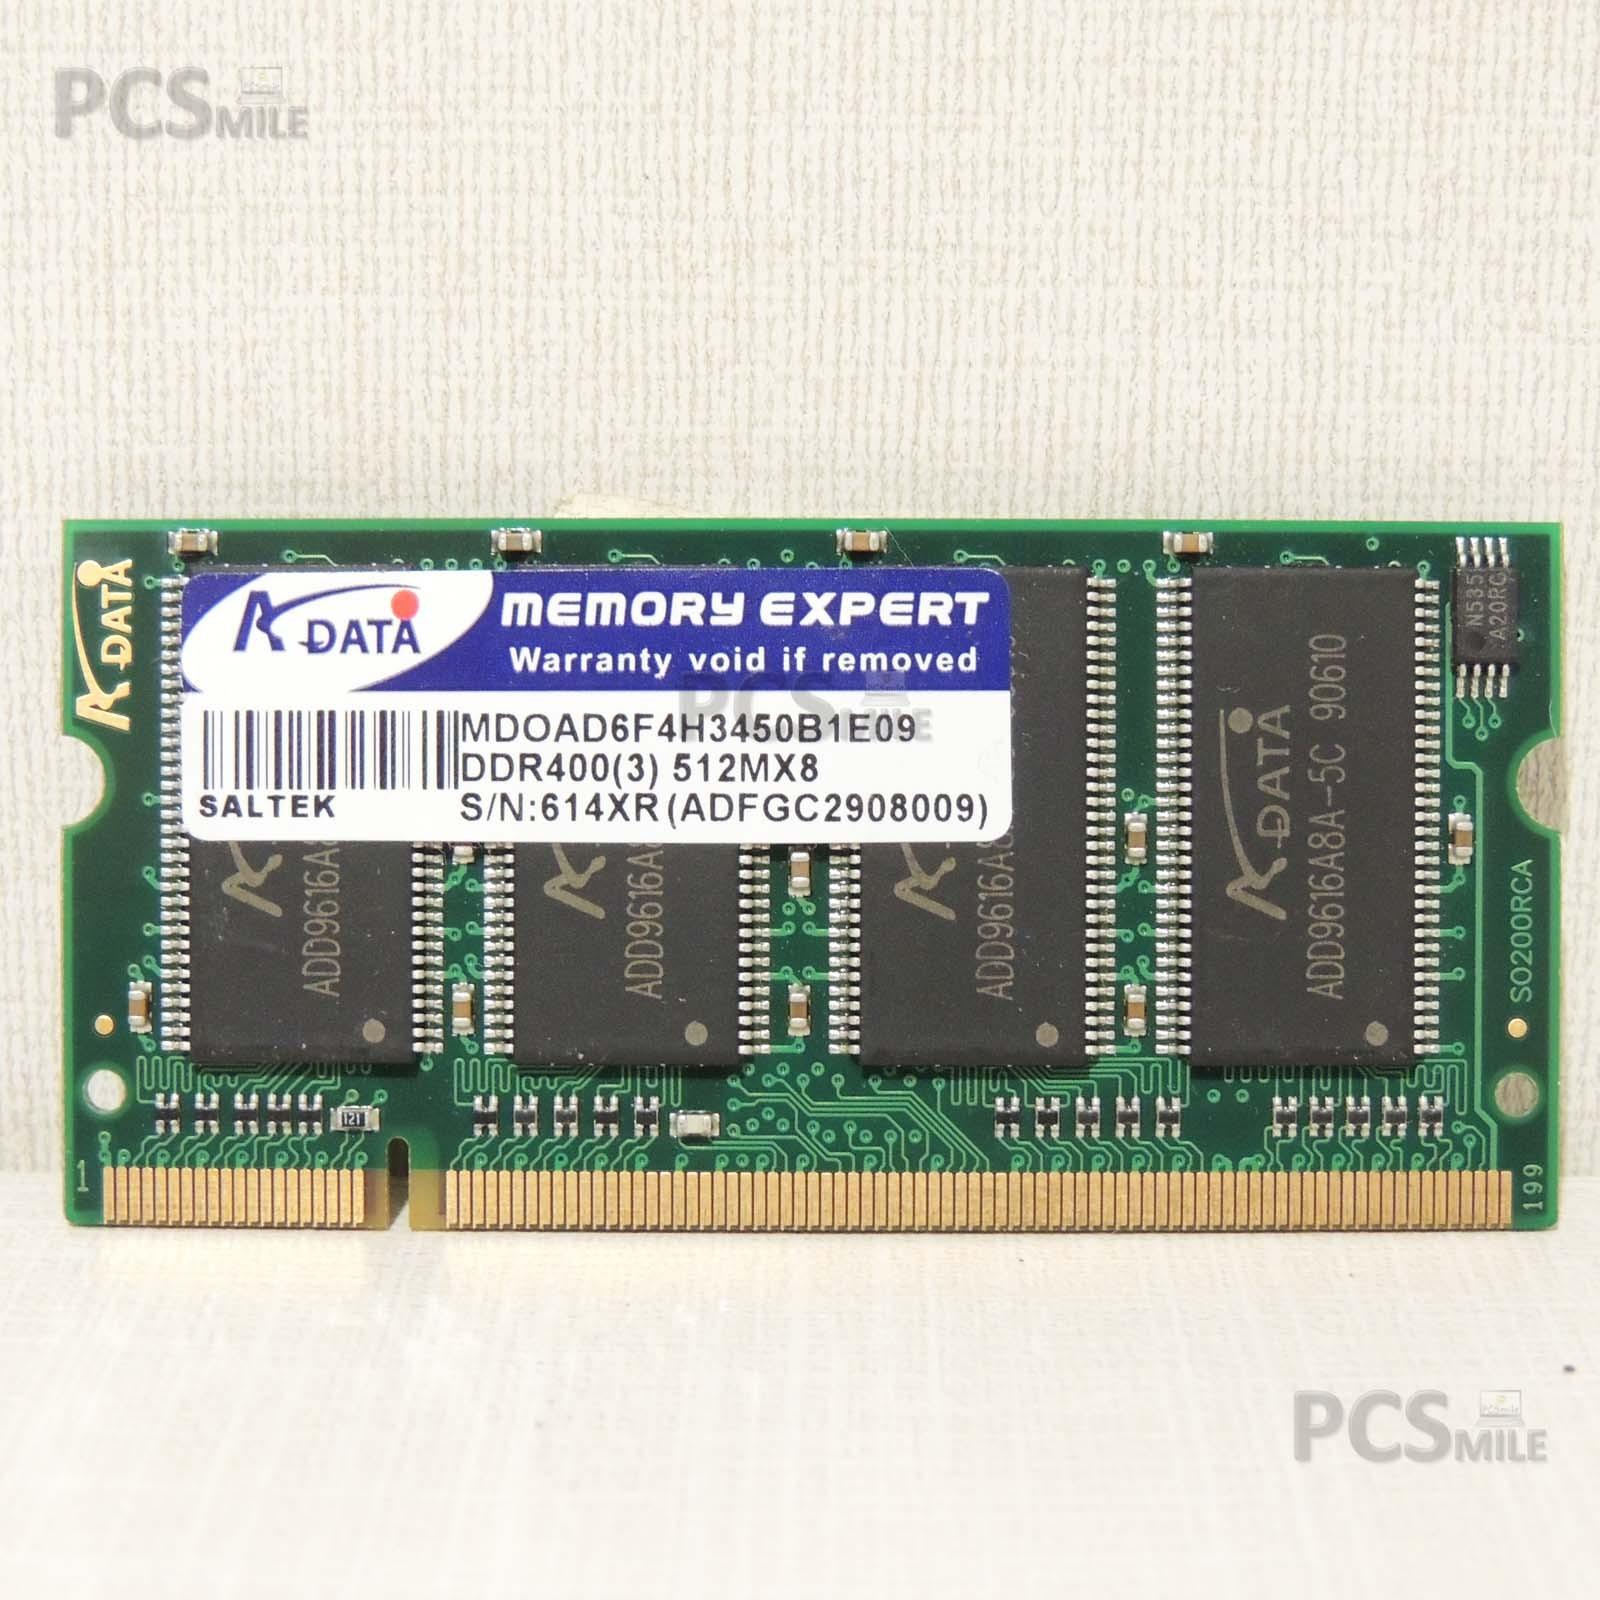 RAM 512MB DDR400 ADATA MEMORY EXPERT MDOAD6F4H3450B1E09 ADFGC2908009